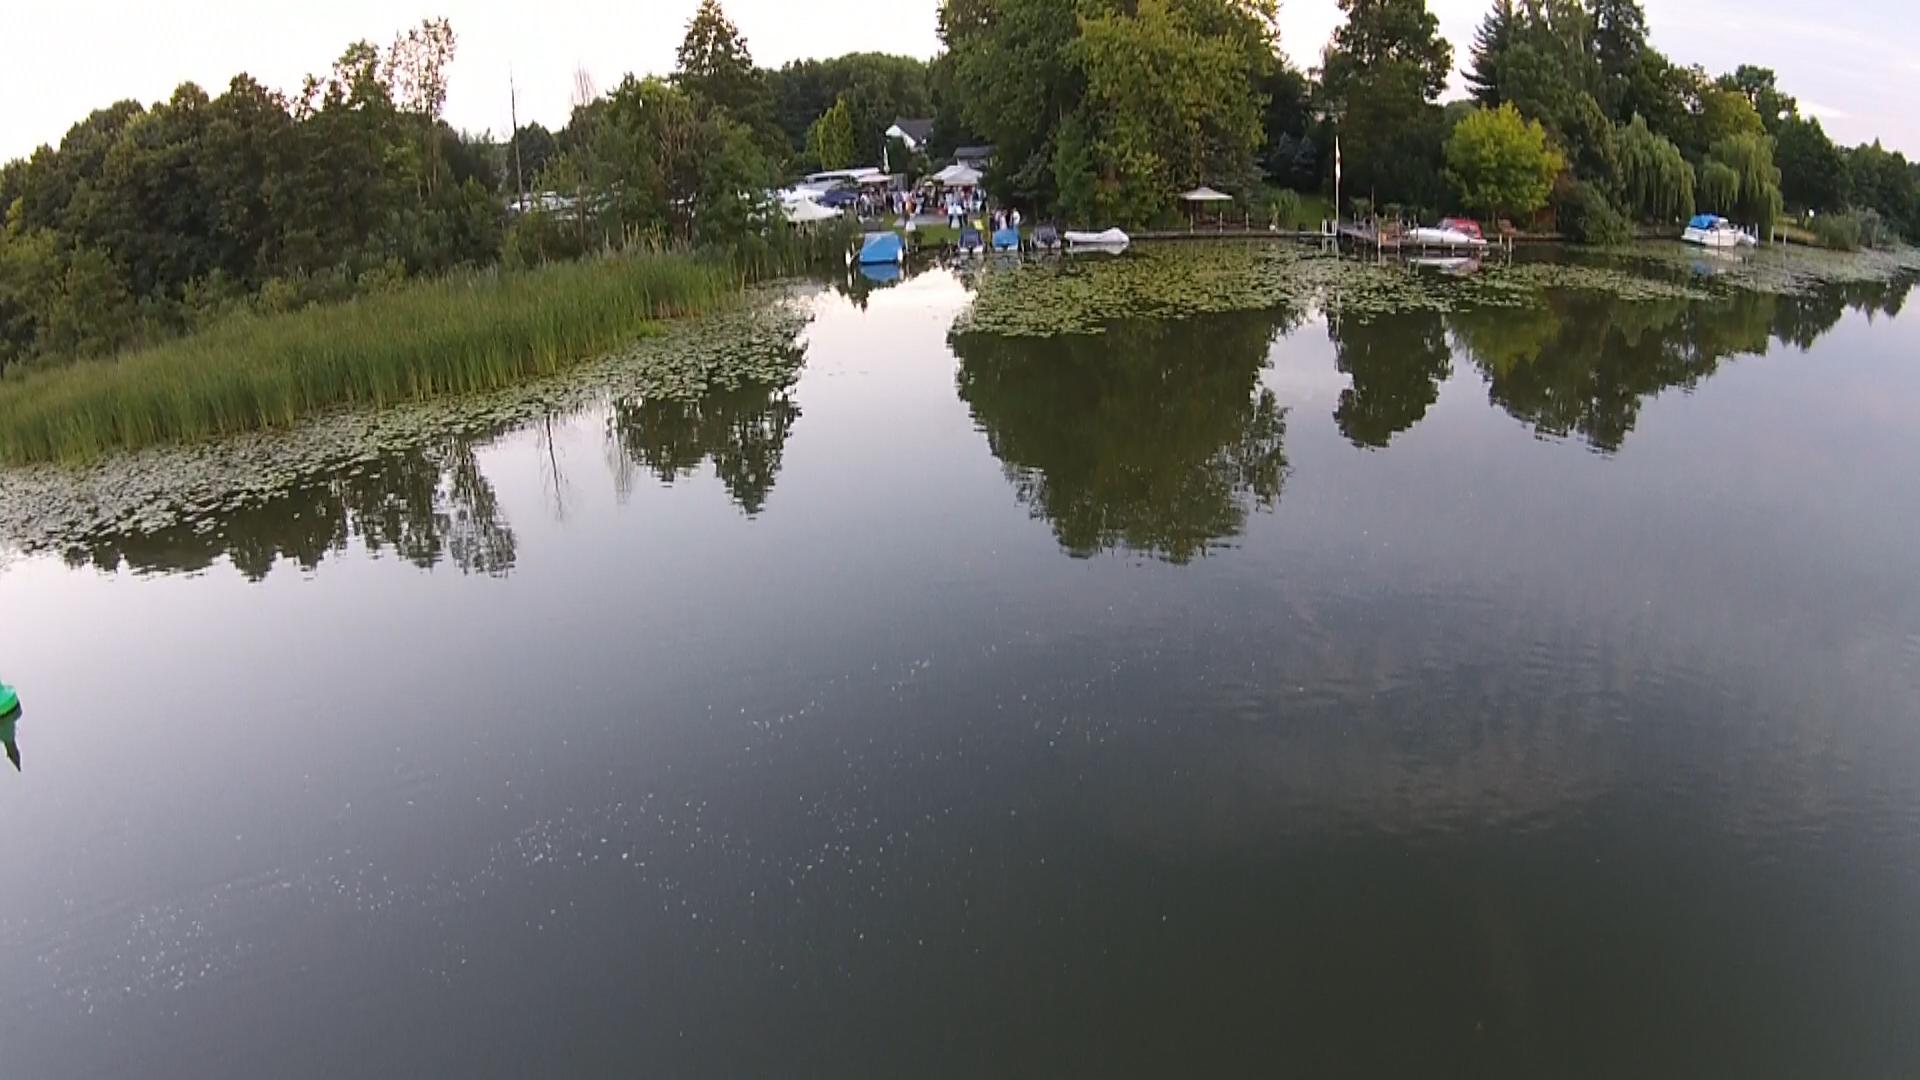 Blick auf Camping vom Wasser